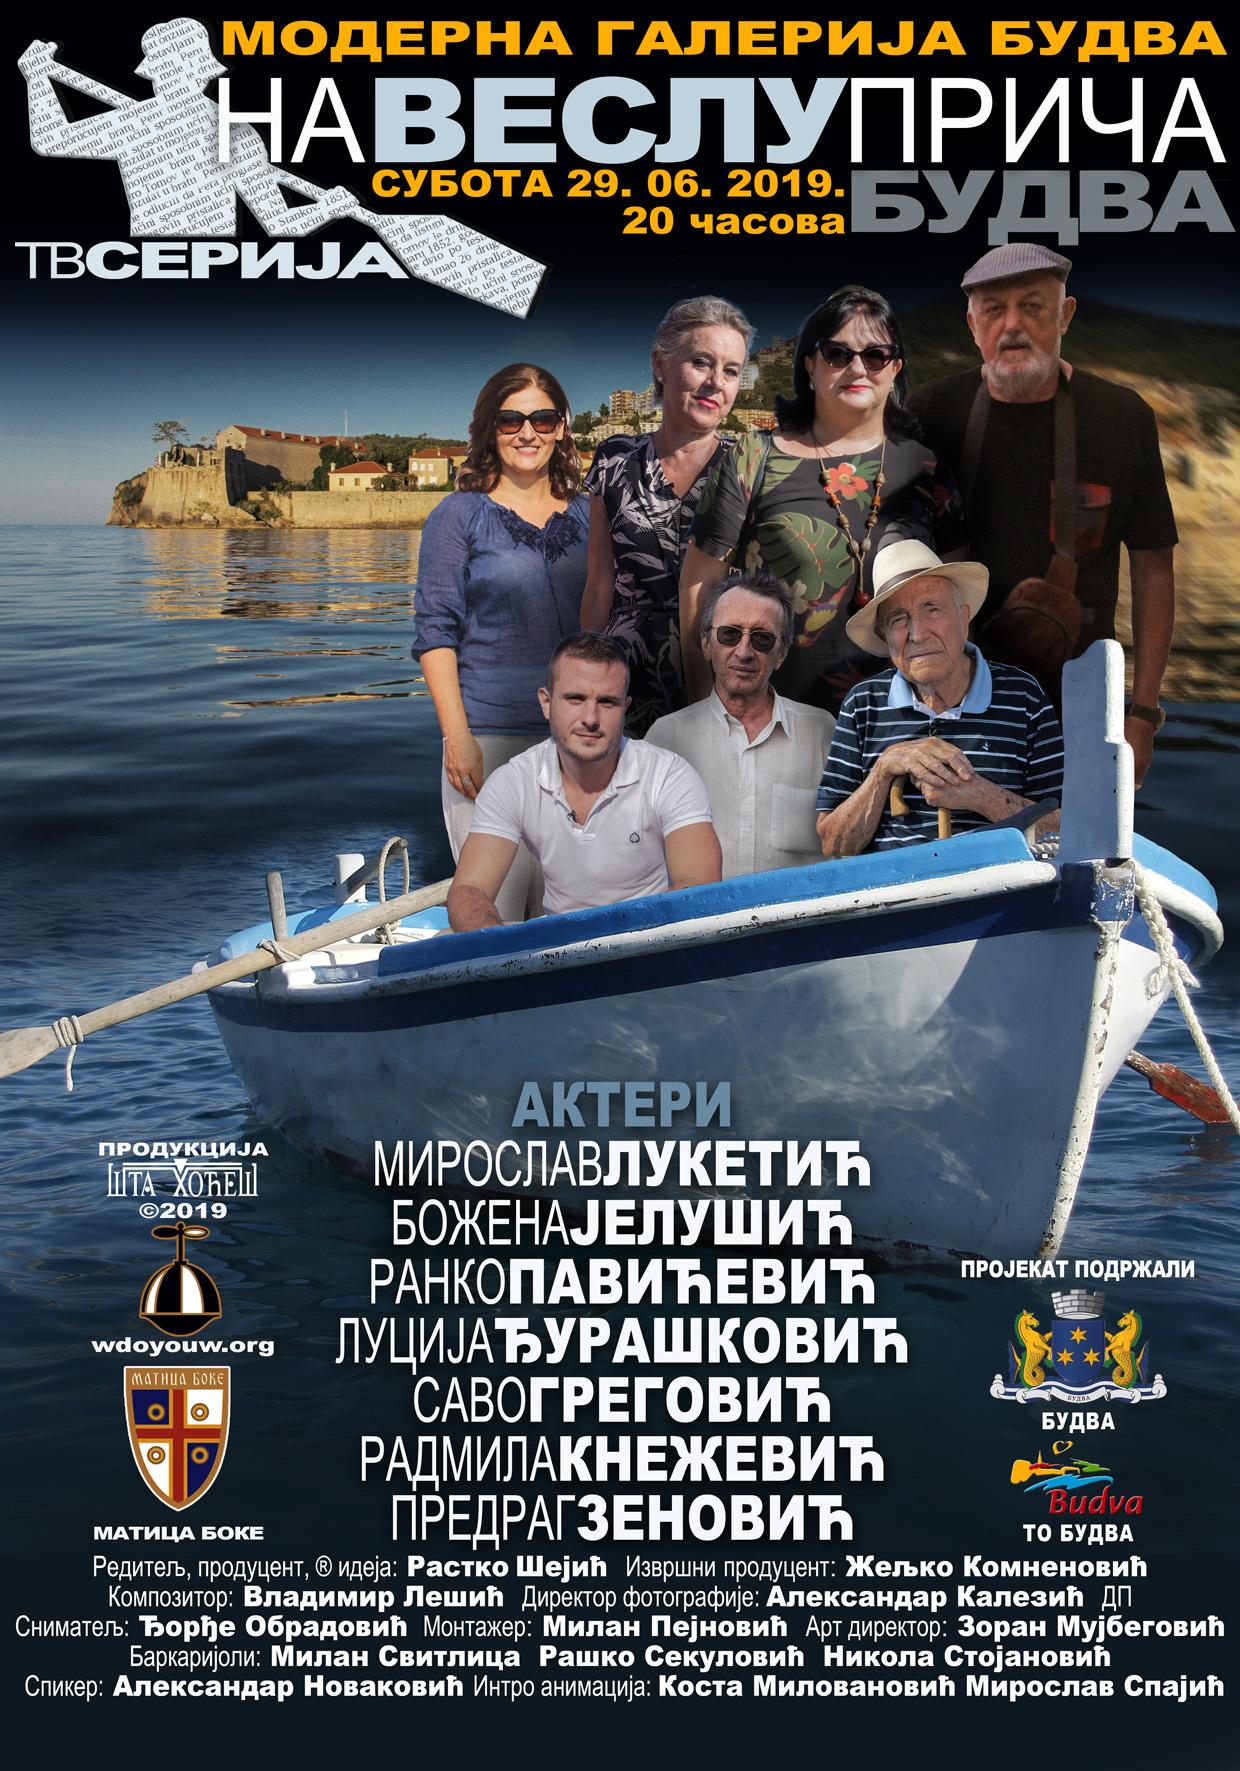 plakat_promocija_tv_serije_na_veslu_prica_2019_moderna_galerija_budva